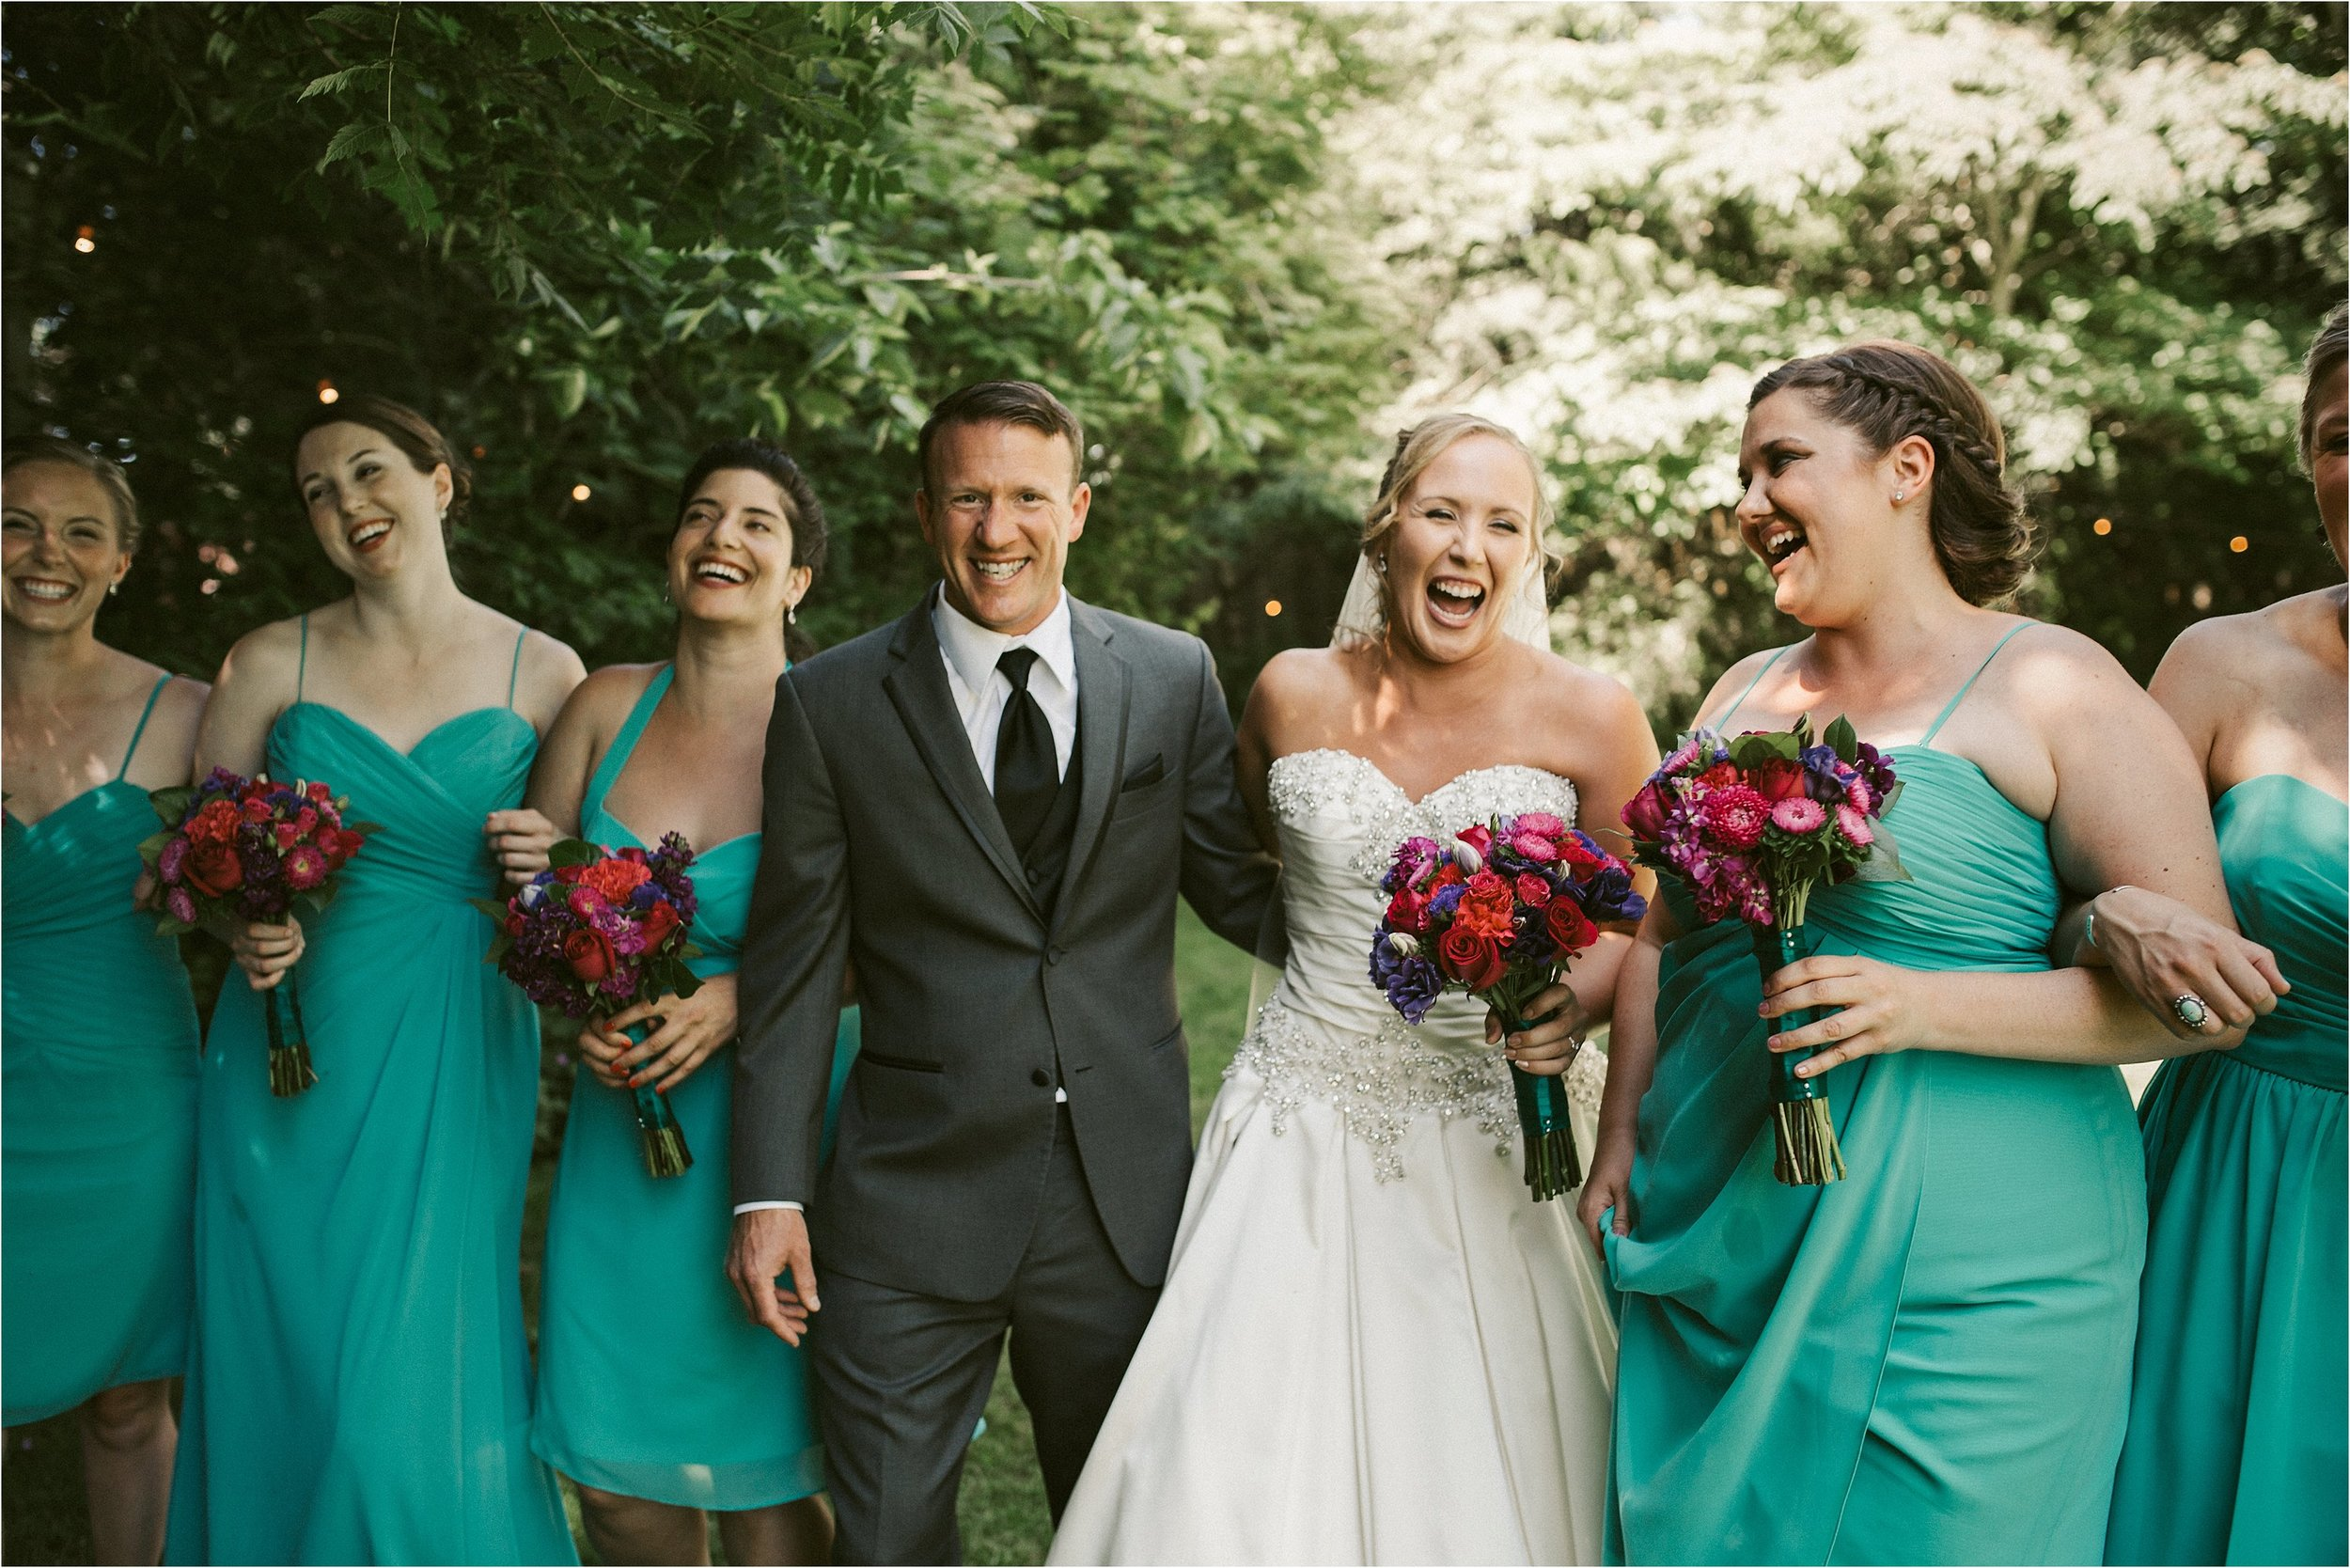 mcmenamins-wedding-portland-oregon_0075.jpg